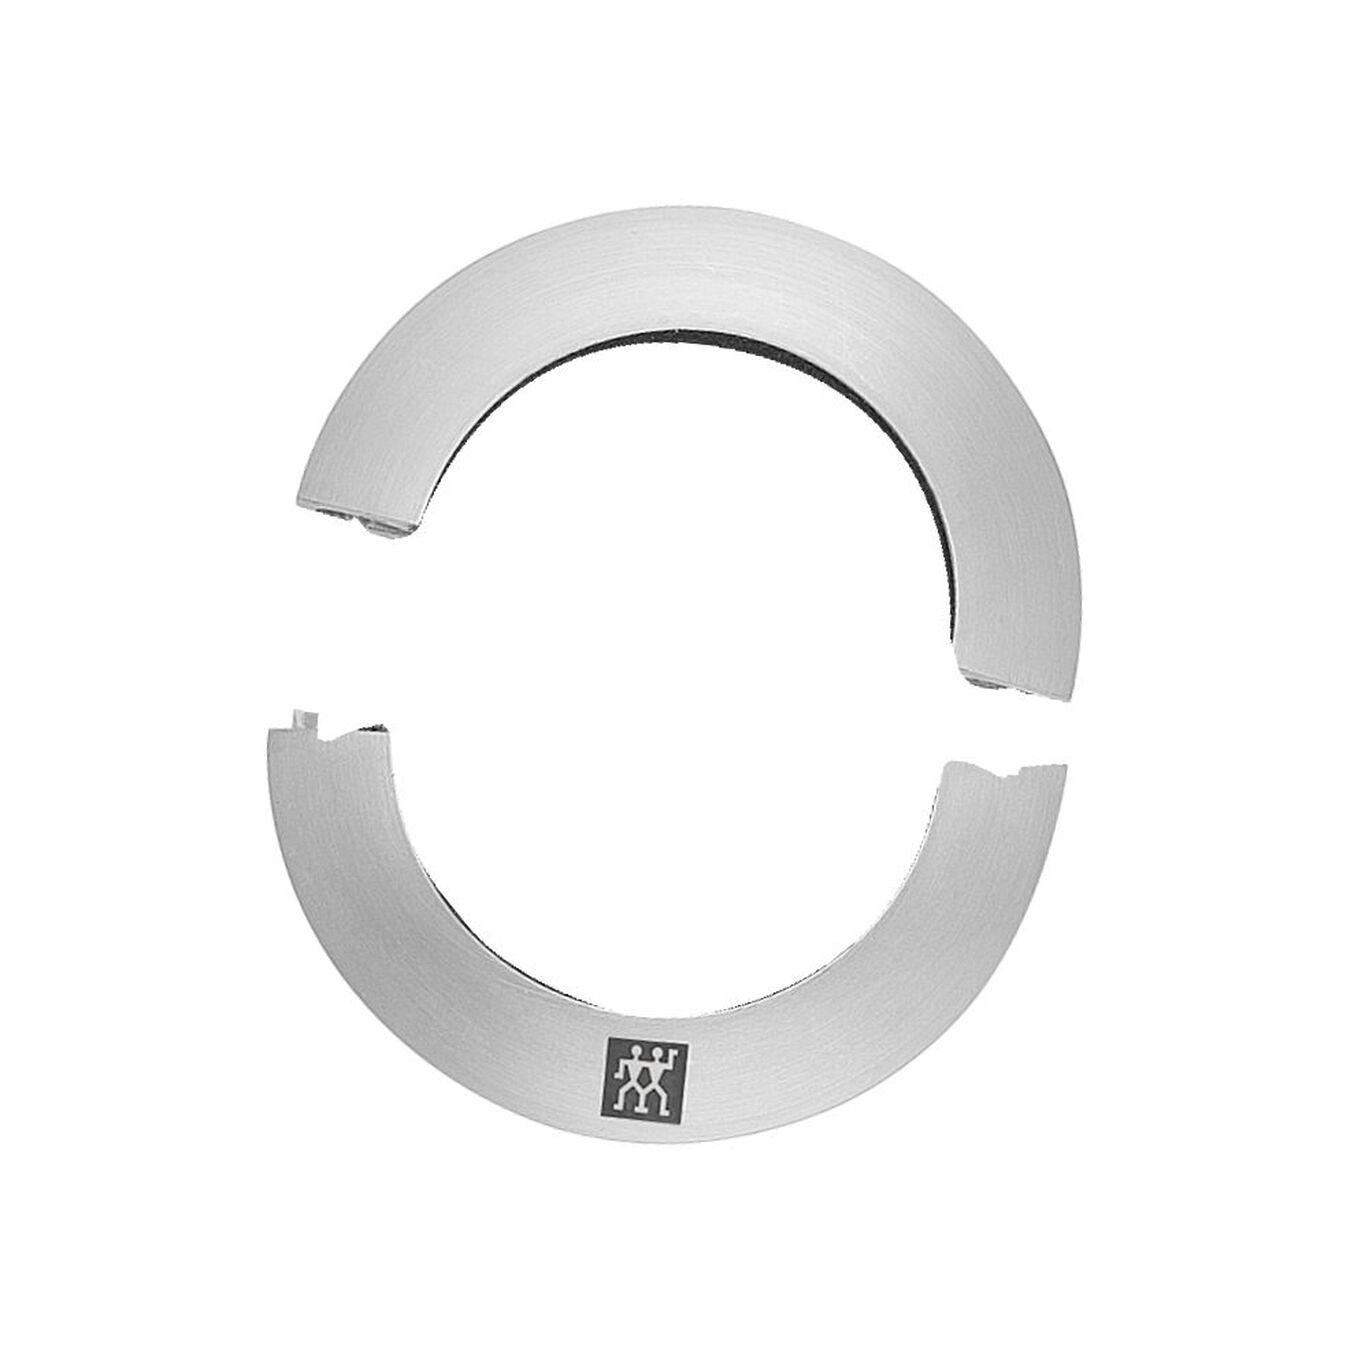 Salvagoccia - 5 cm, 18/10 acciaio inossidabile,,large 2